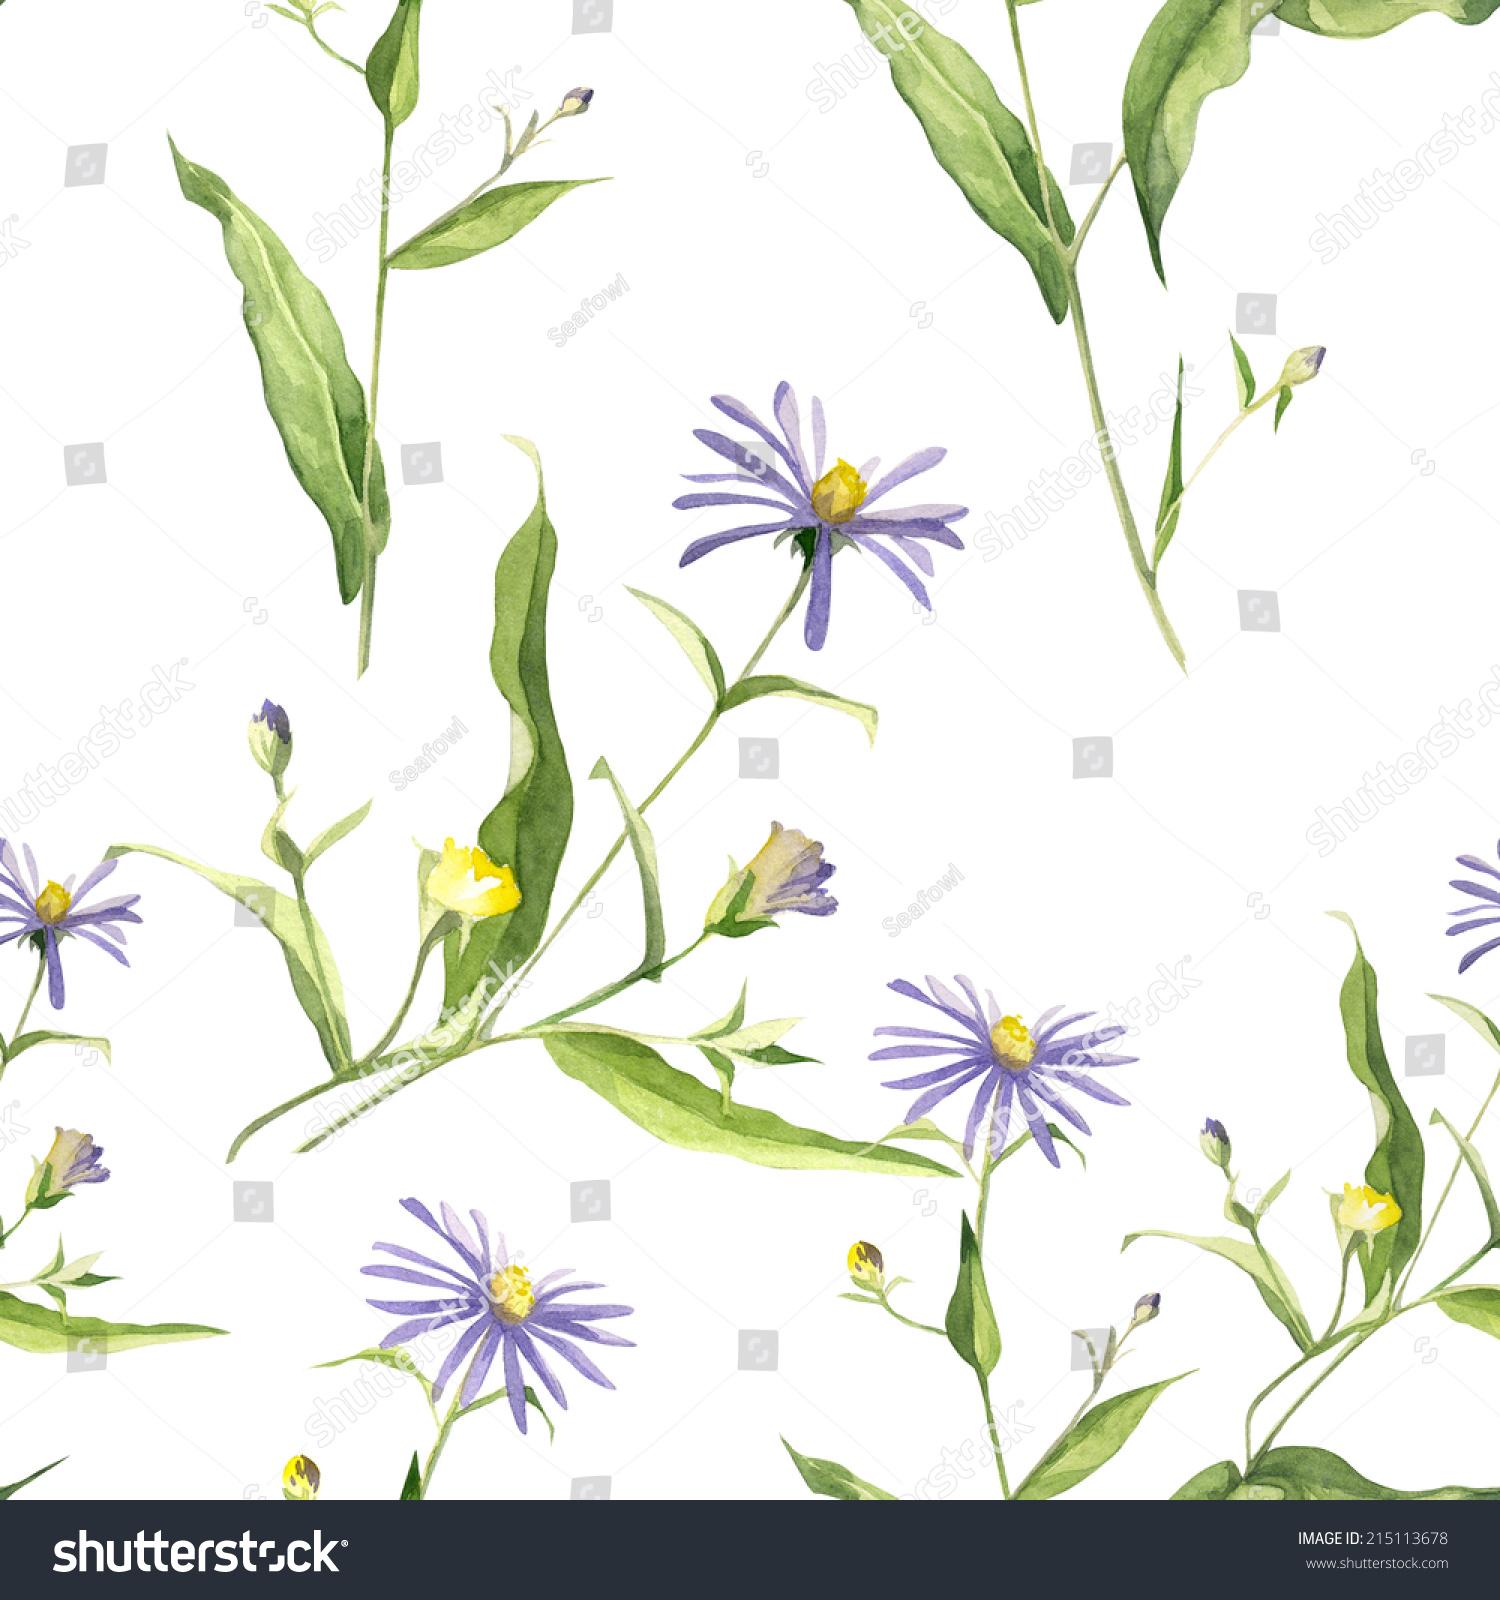 水彩手工制作的装饰与白色背景彩色模式集和蓝色花朵